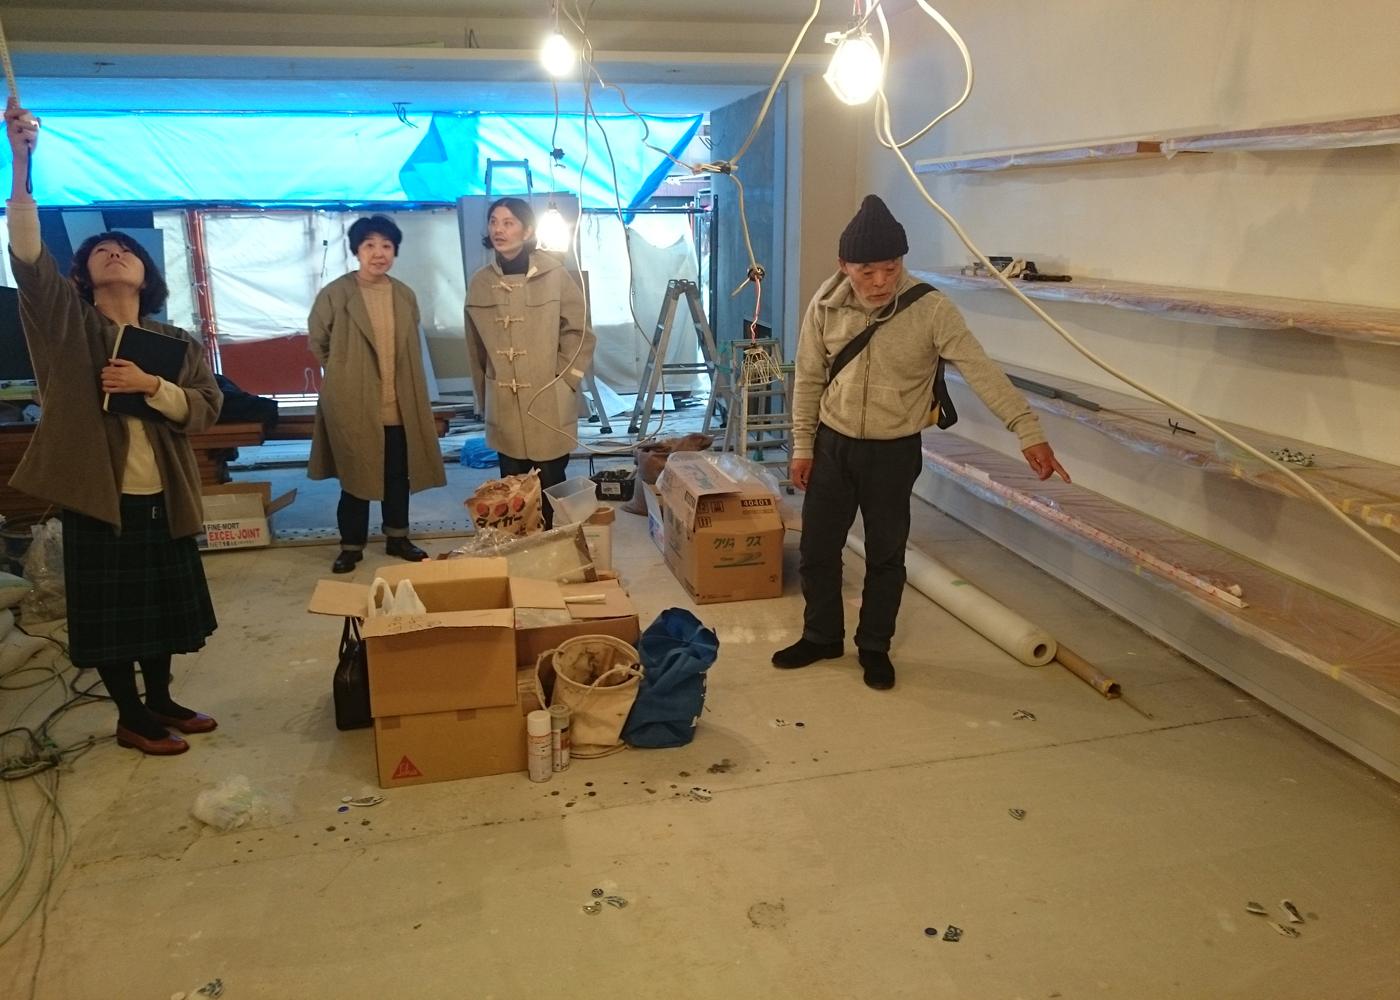 フィルメランジェ店舗こだわりの素材施工確認。ほぼ古材を使用しています。